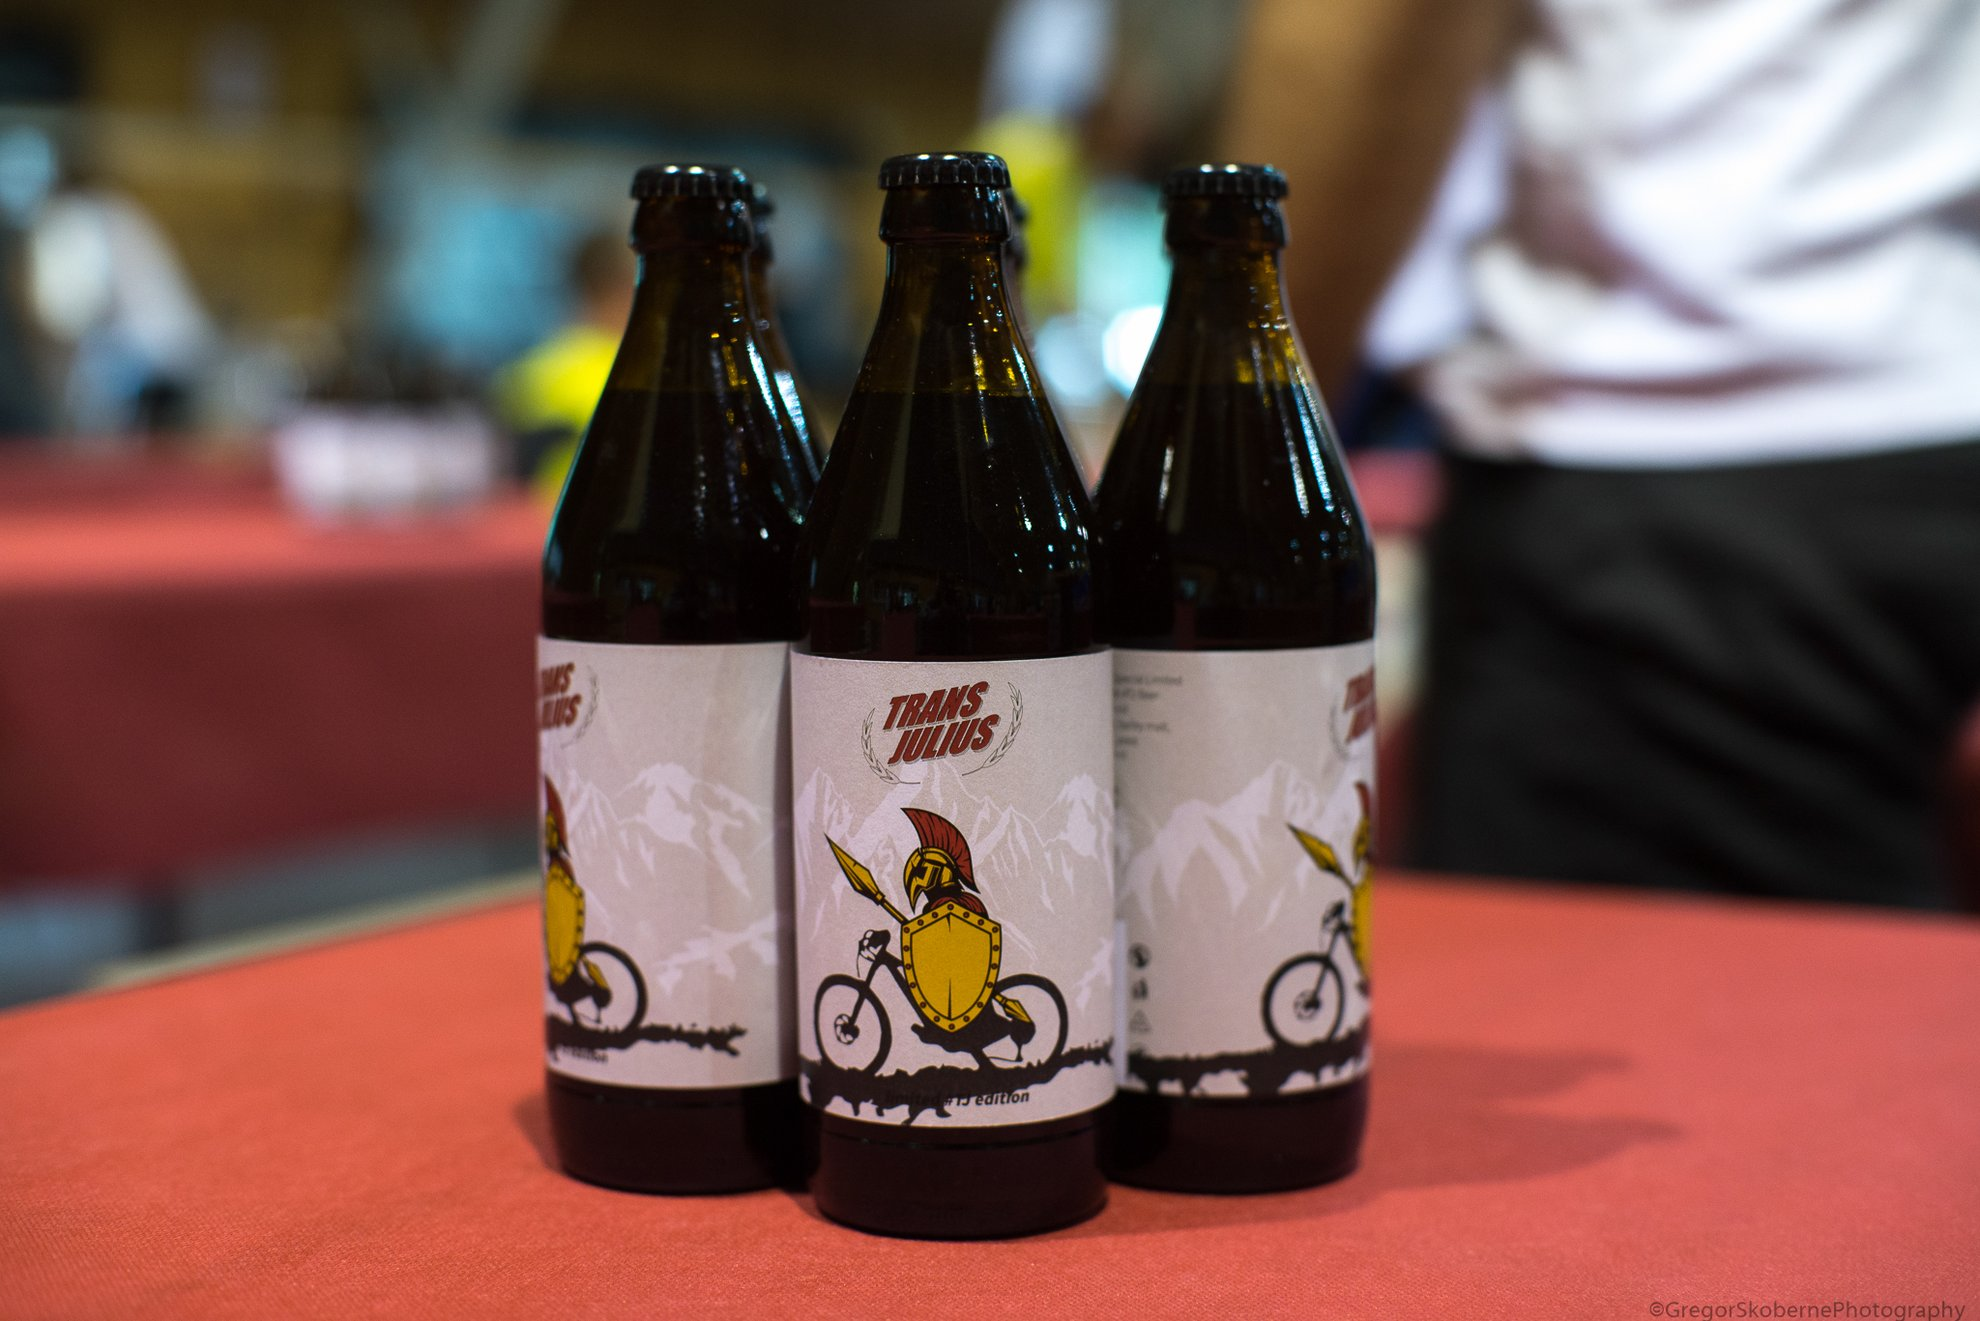 4 nap - A kizárólag a versenyre készült IPA söröcske